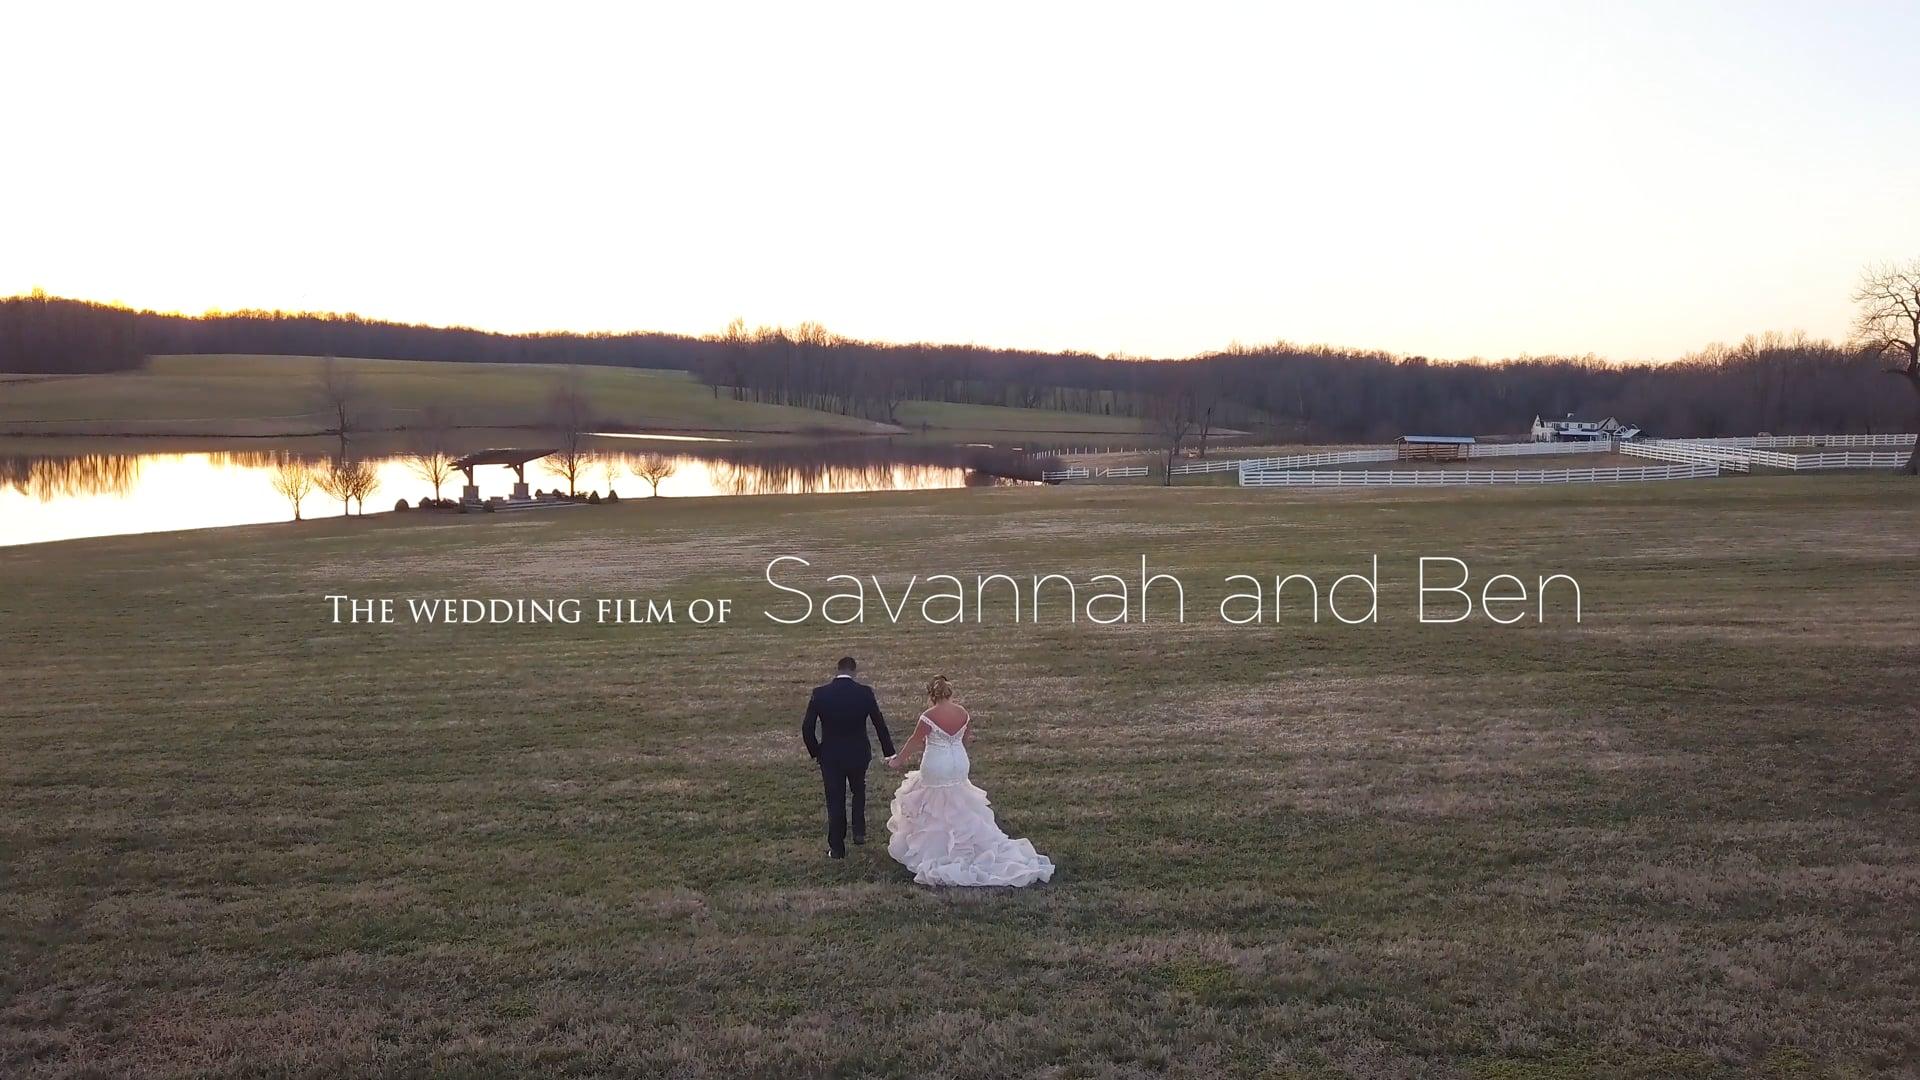 Savannah and Ben